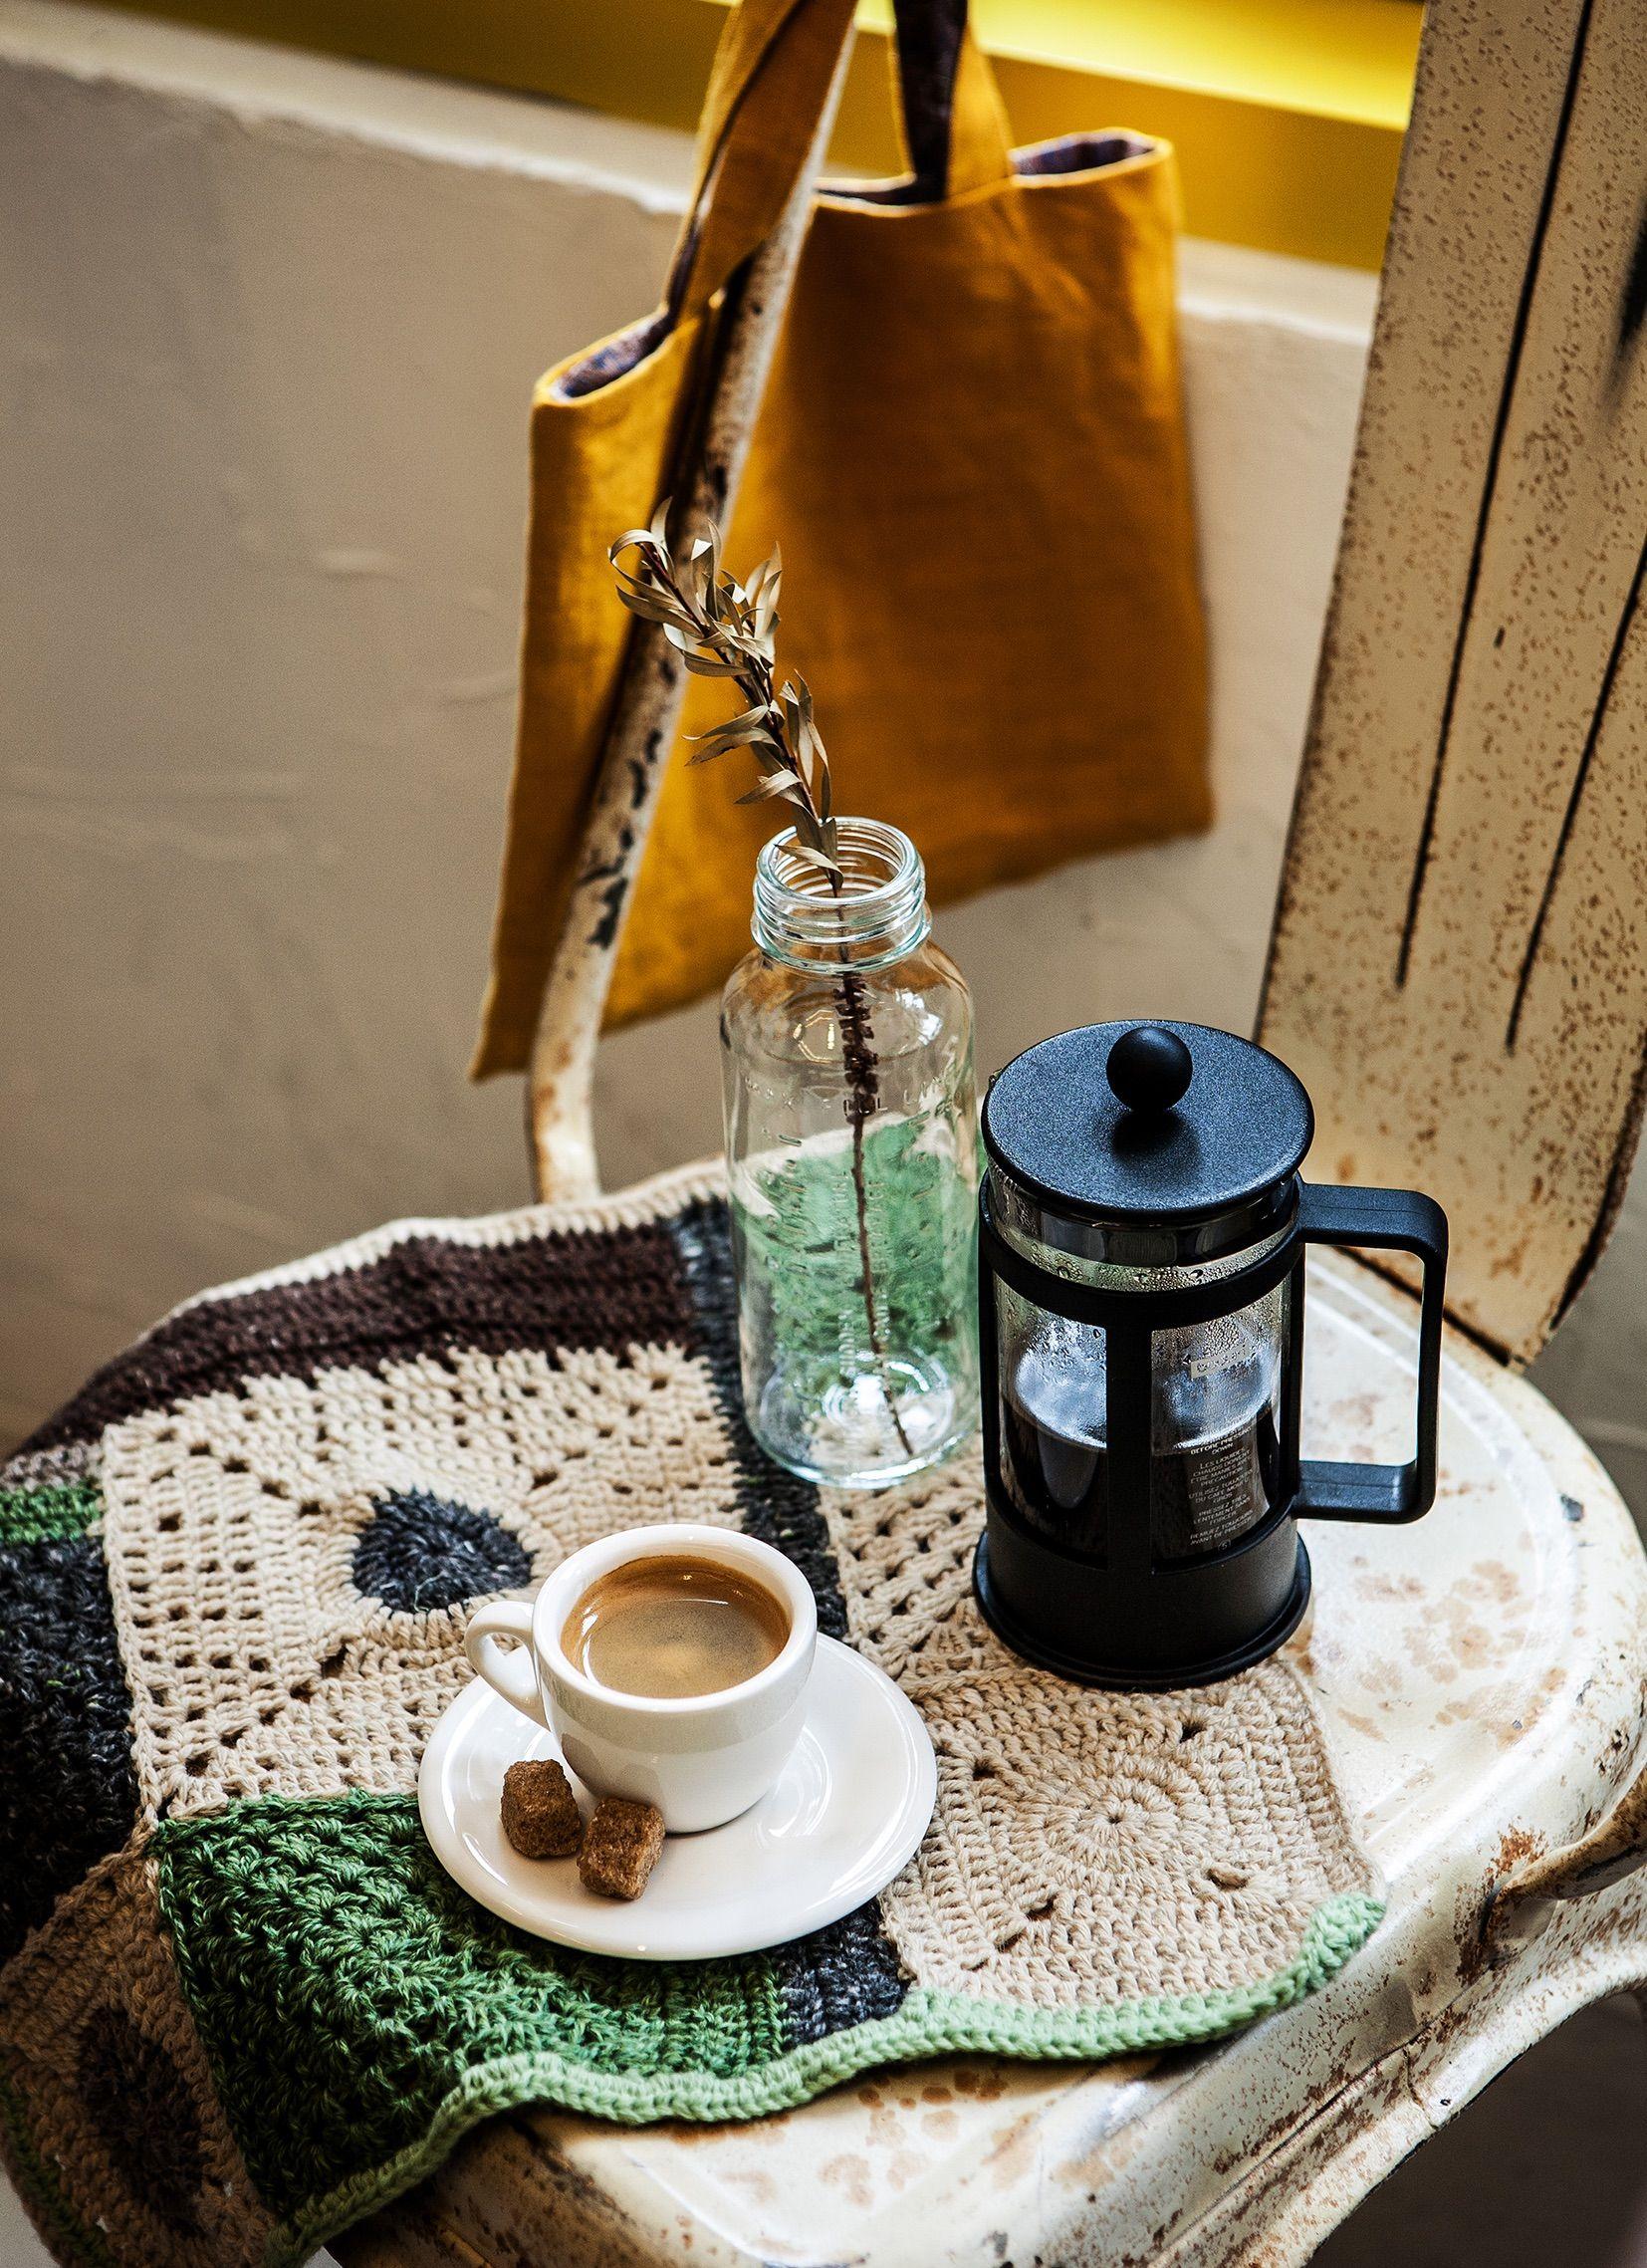 커피 카페 에스프레소 창가 place cafe duet 커피, 에스프레소